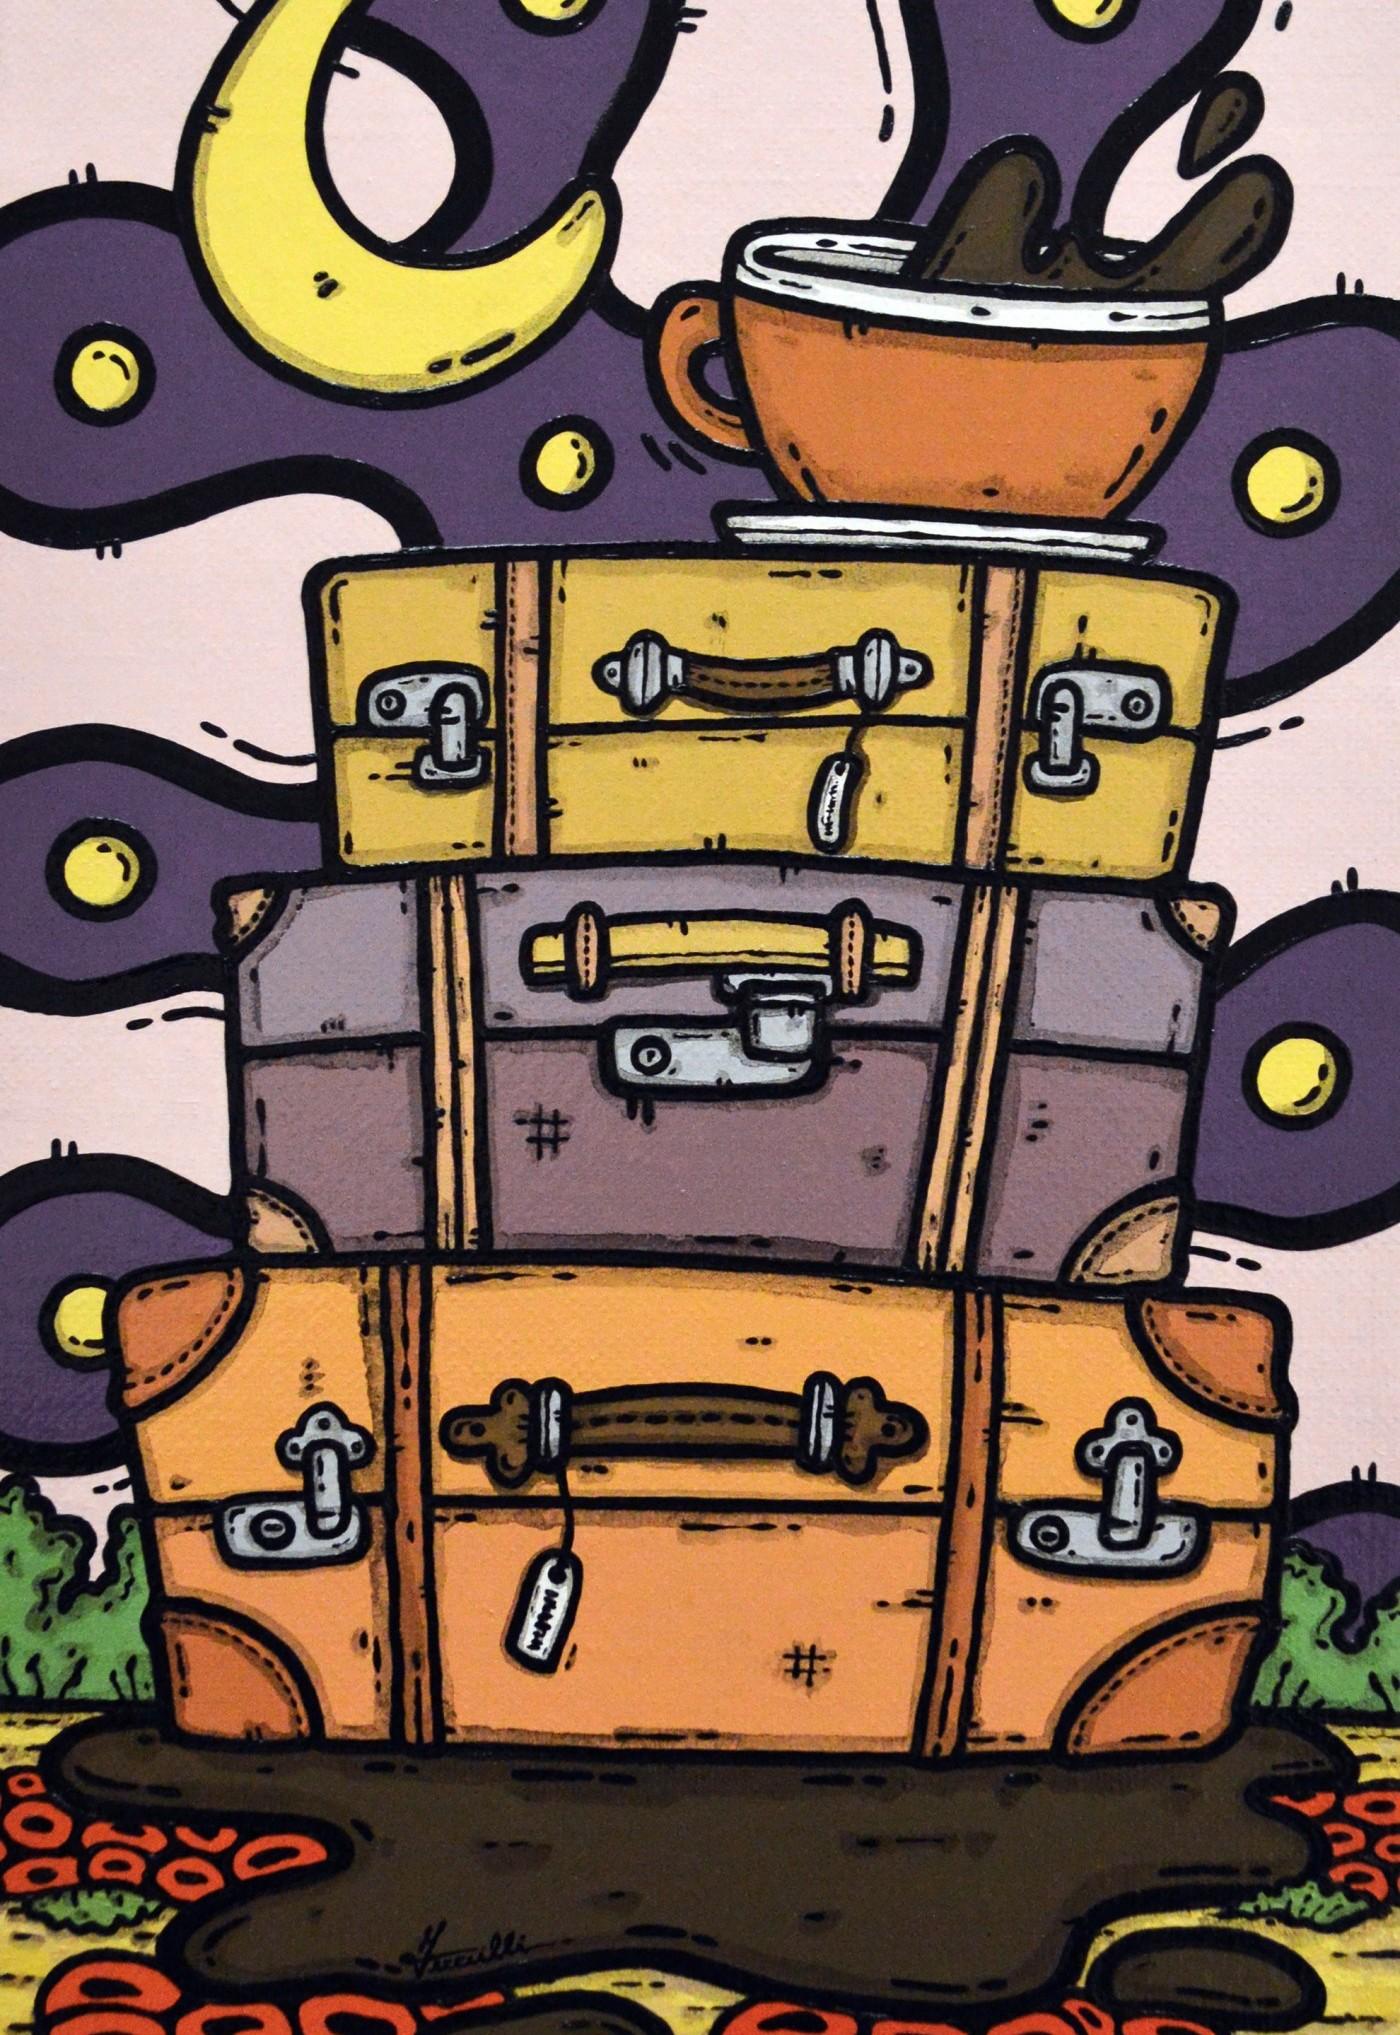 opera d'arte, contornismo metafisico, francesco ferrulli, pittore pugliese, artista italiano, arte contemporanea, dipinto, olio su tela, paesaggi pugliesi, quadro colorato, oil on canvas, art, painter, girovago sognante, valigia, viaggio, caffè, luna, viaggiatori, papaveri